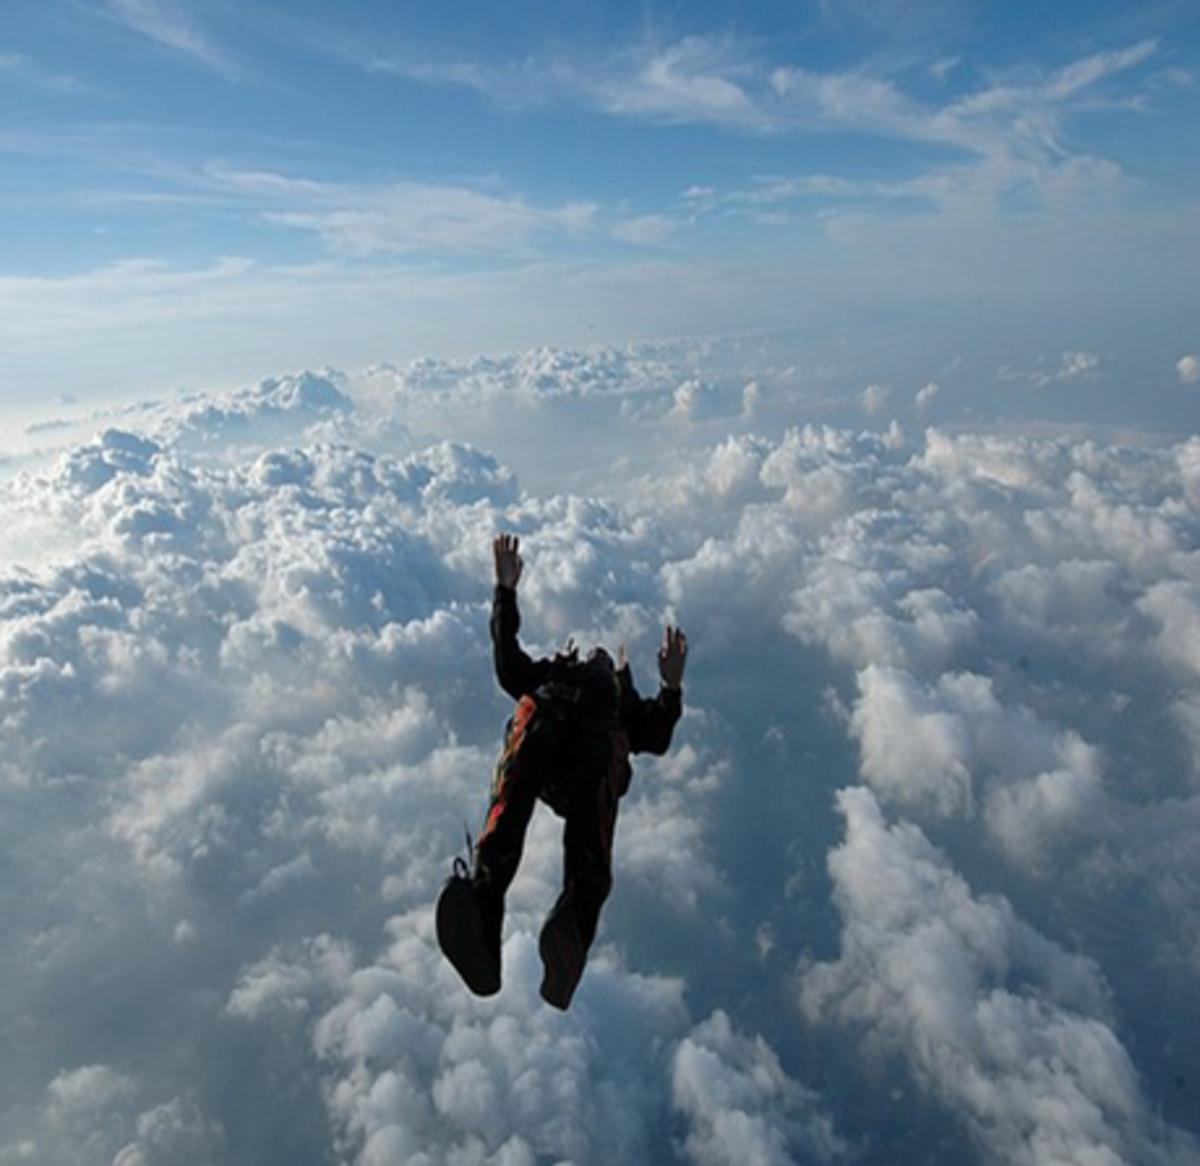 Απίστευτη ελεύθερη πτώση από ύψος 29 χιλιομέτρων! | Newsit.gr